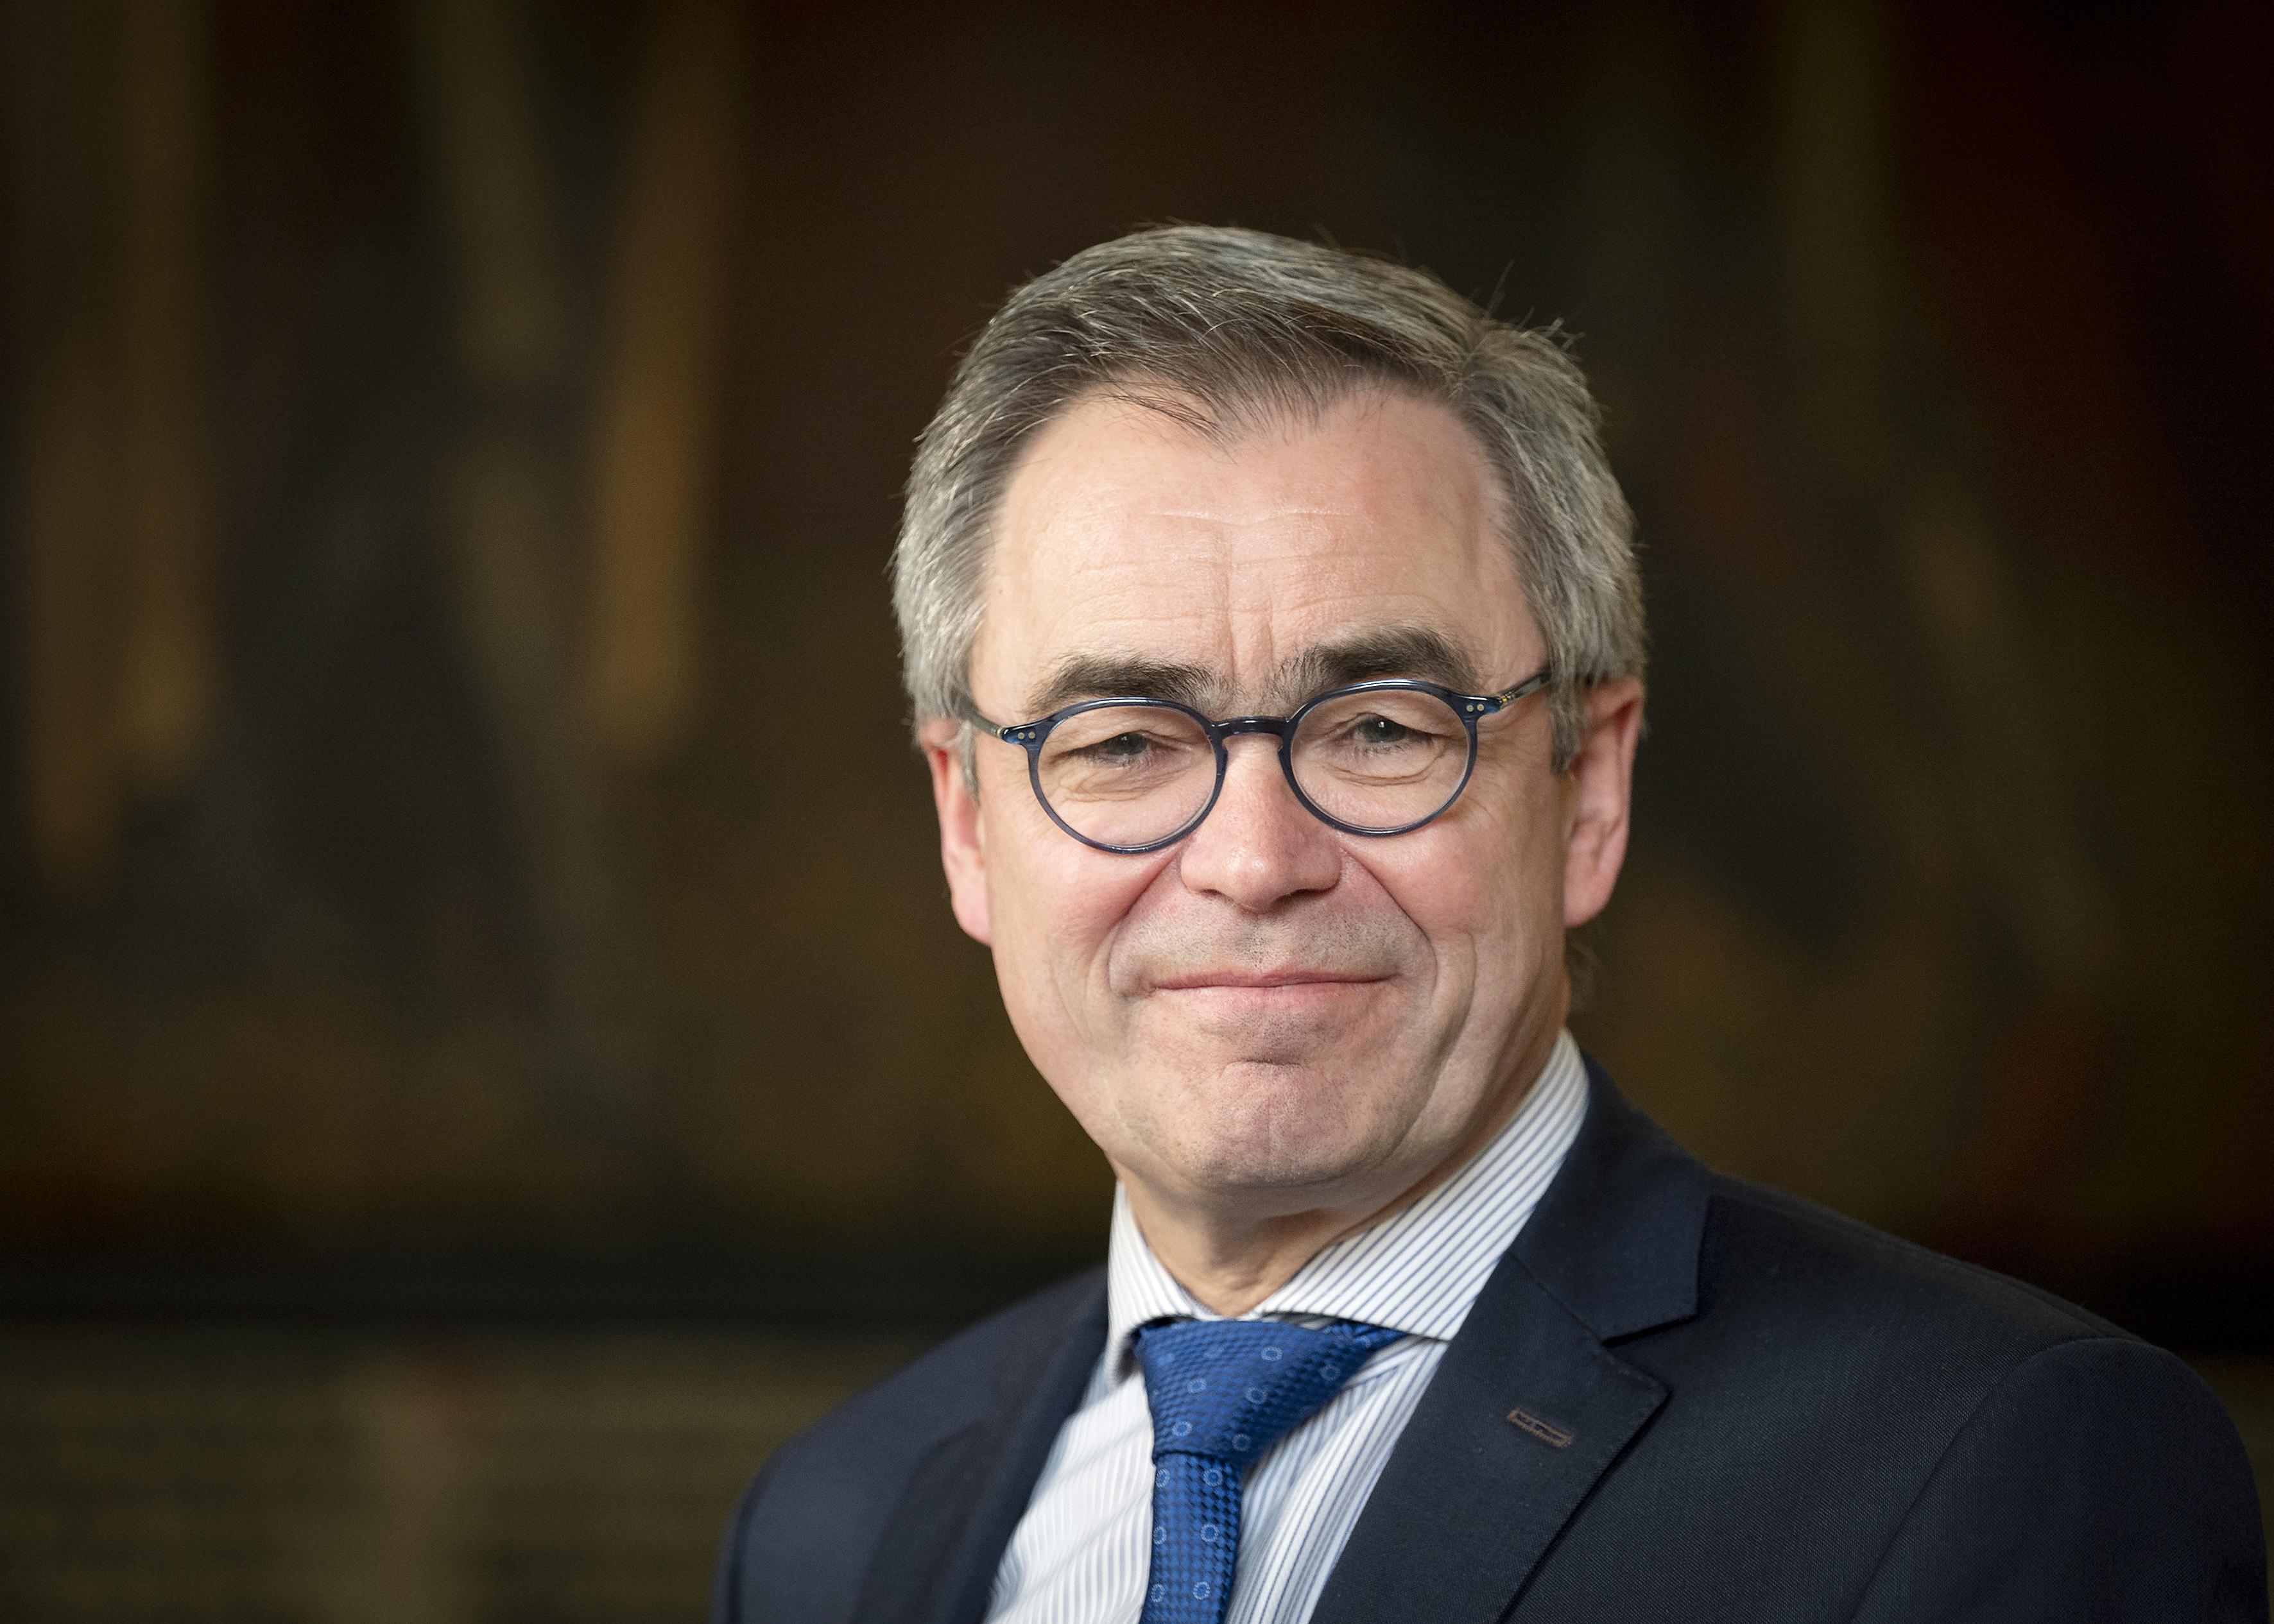 Burgemeester Wienen opent Koningsdag via livestream